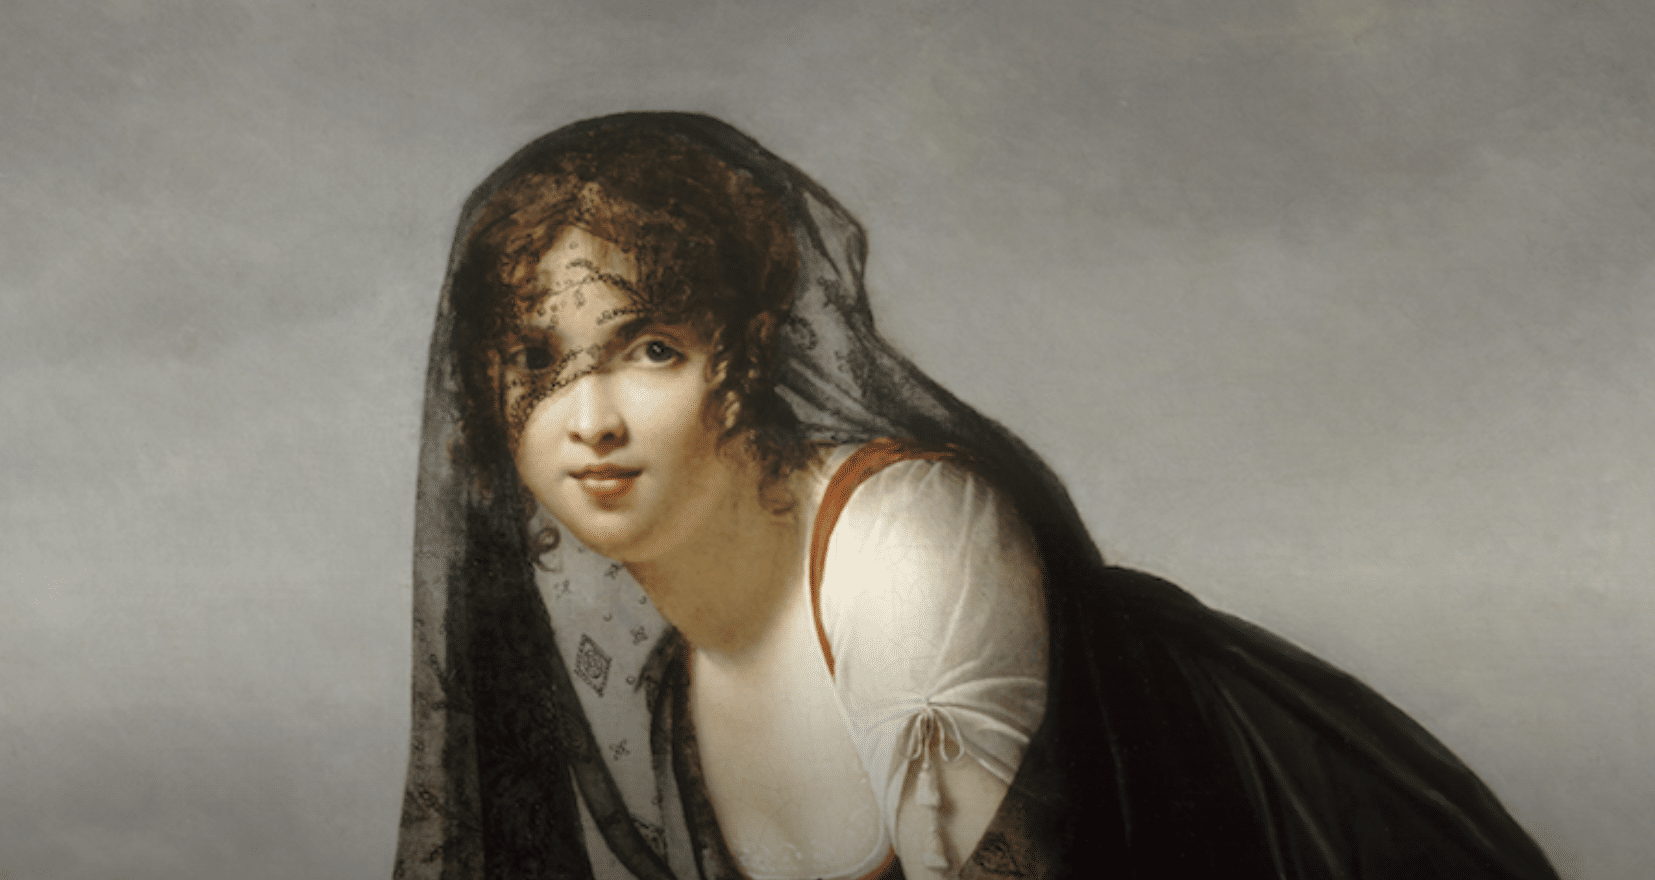 peintures femmes dans l'art exposition paris 2021